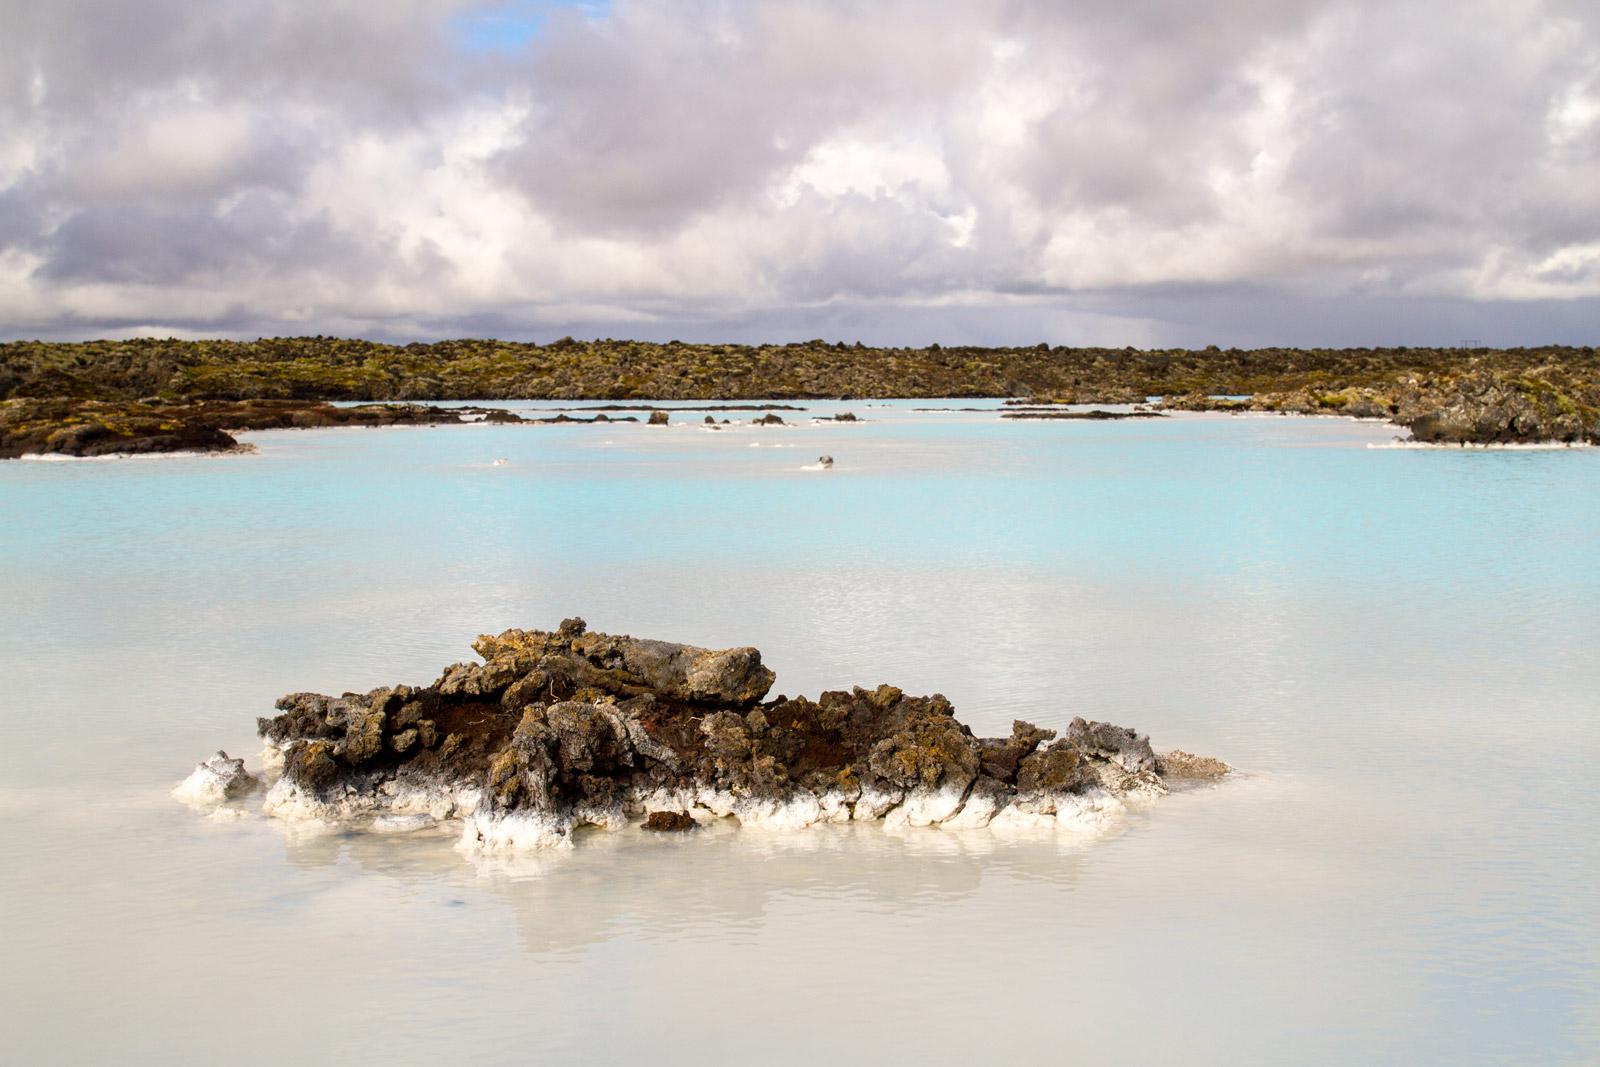 Schwimmen blaue lagune hannover Blaue Lagune